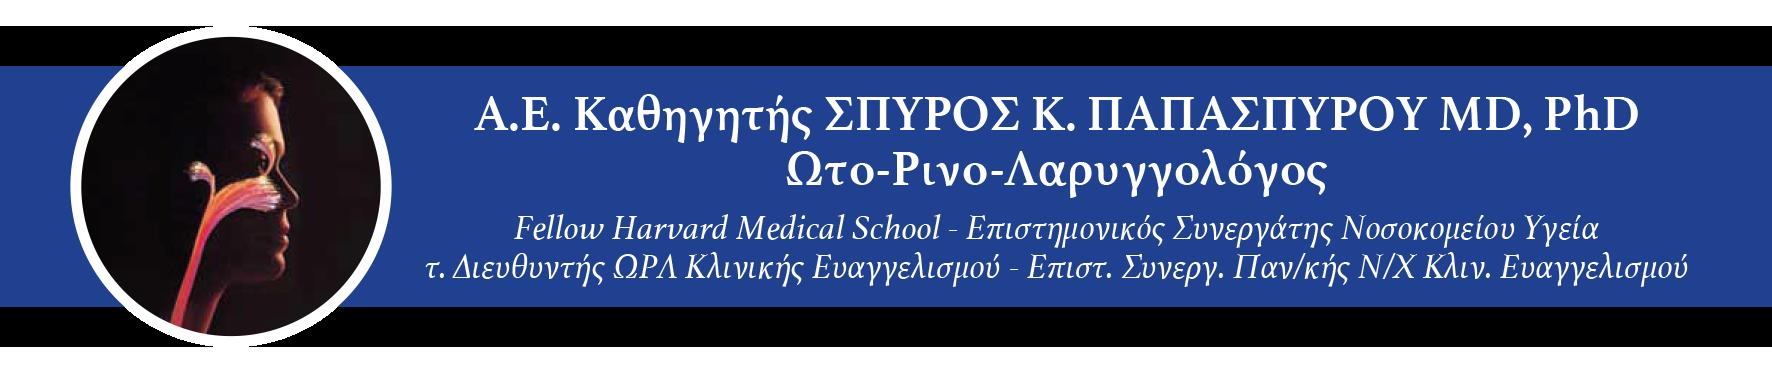 papaspyrou-banner